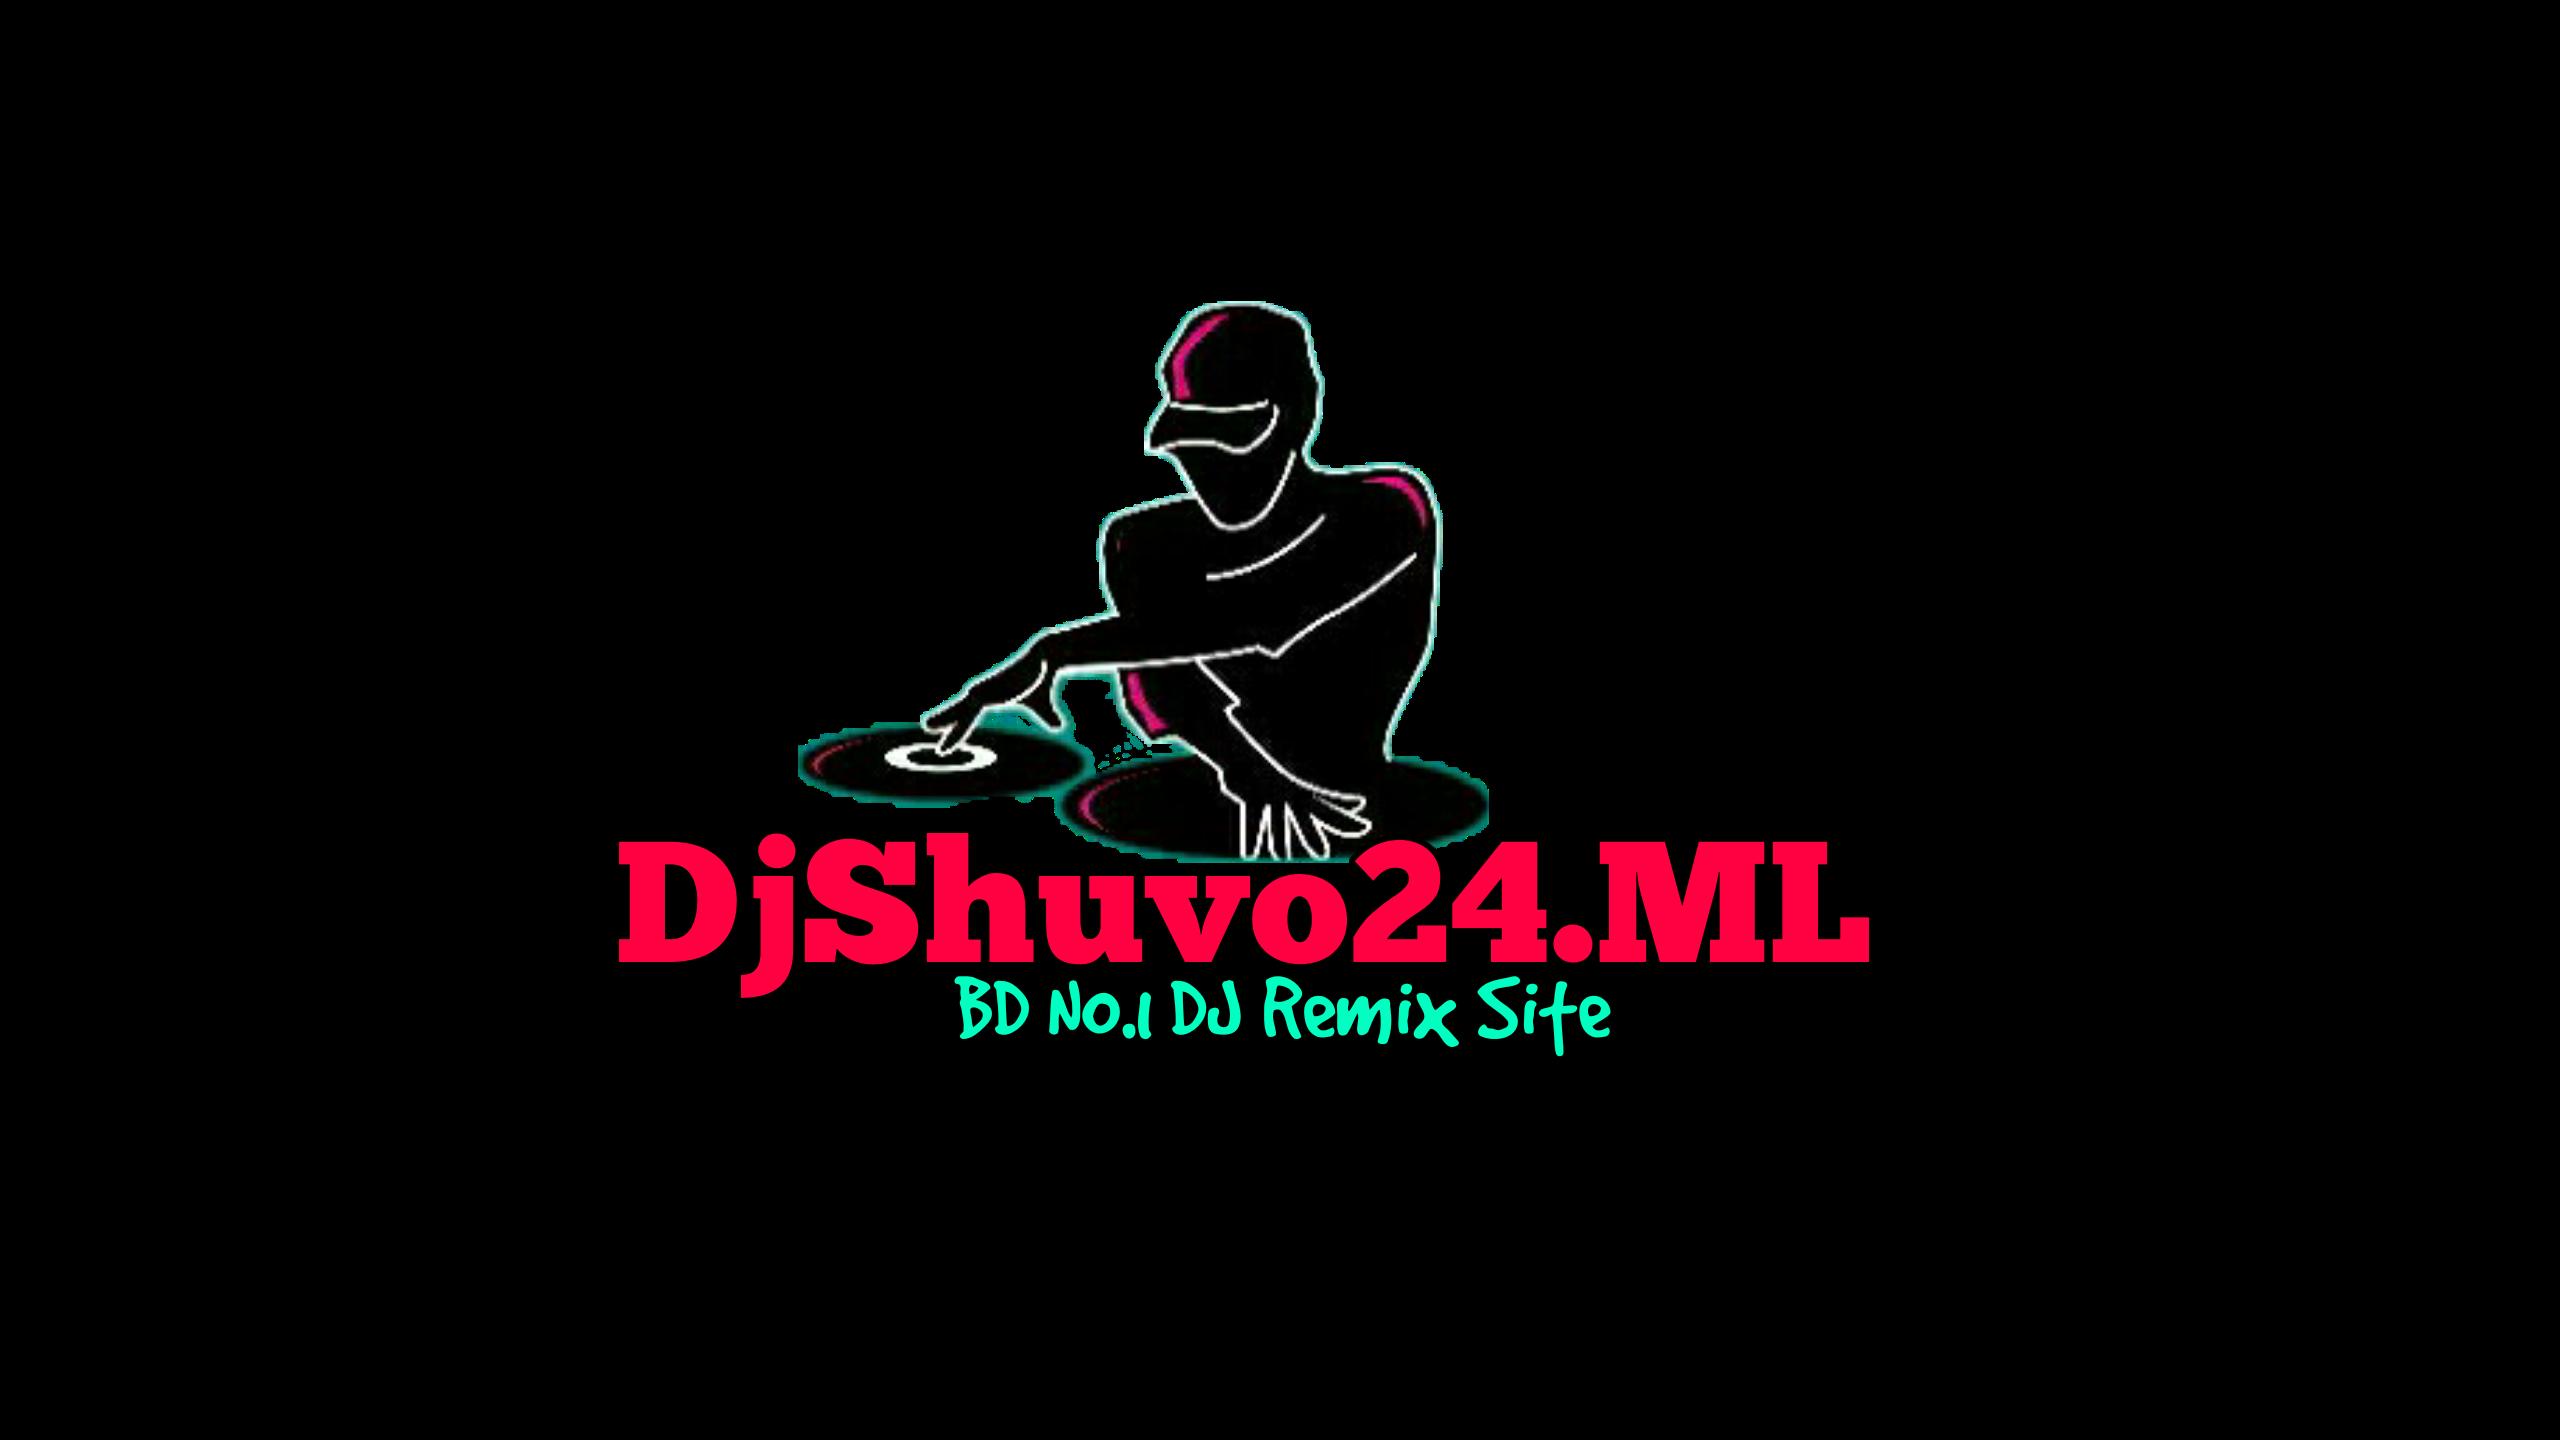 DJShuvo24.ML